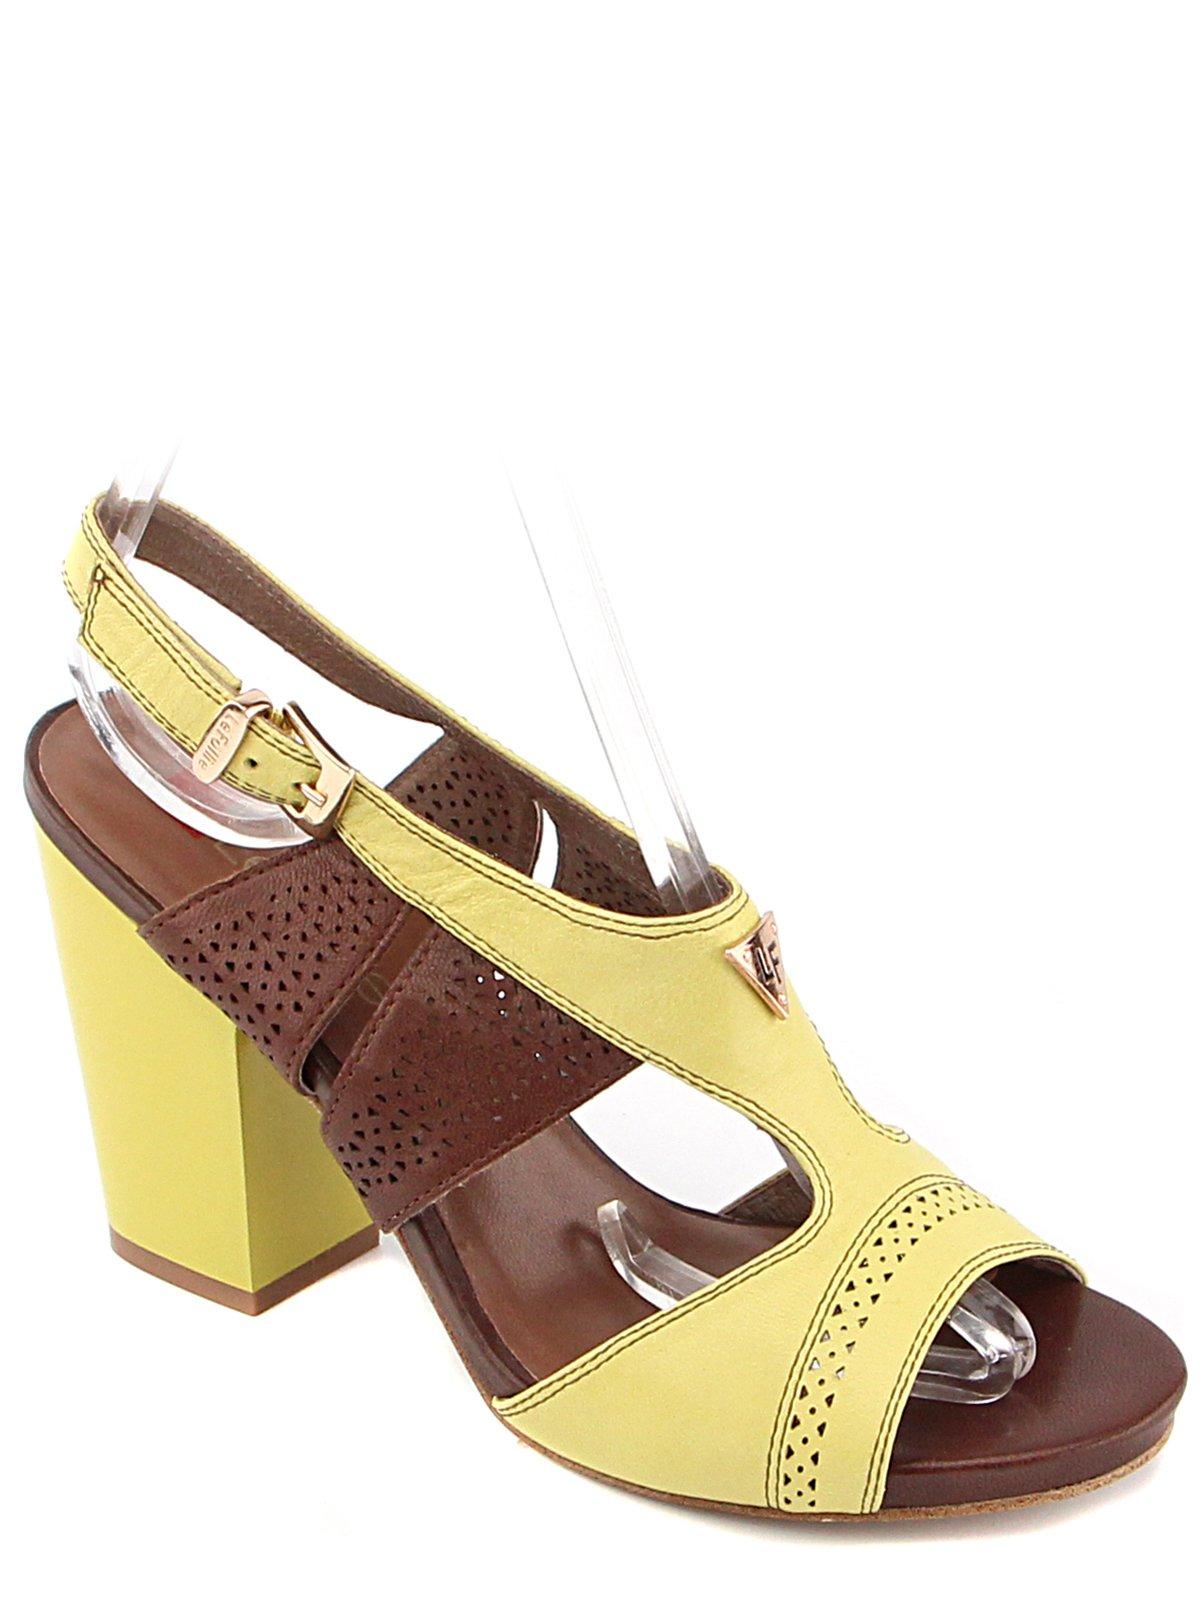 Босоножки желто-коричневые | 3128695